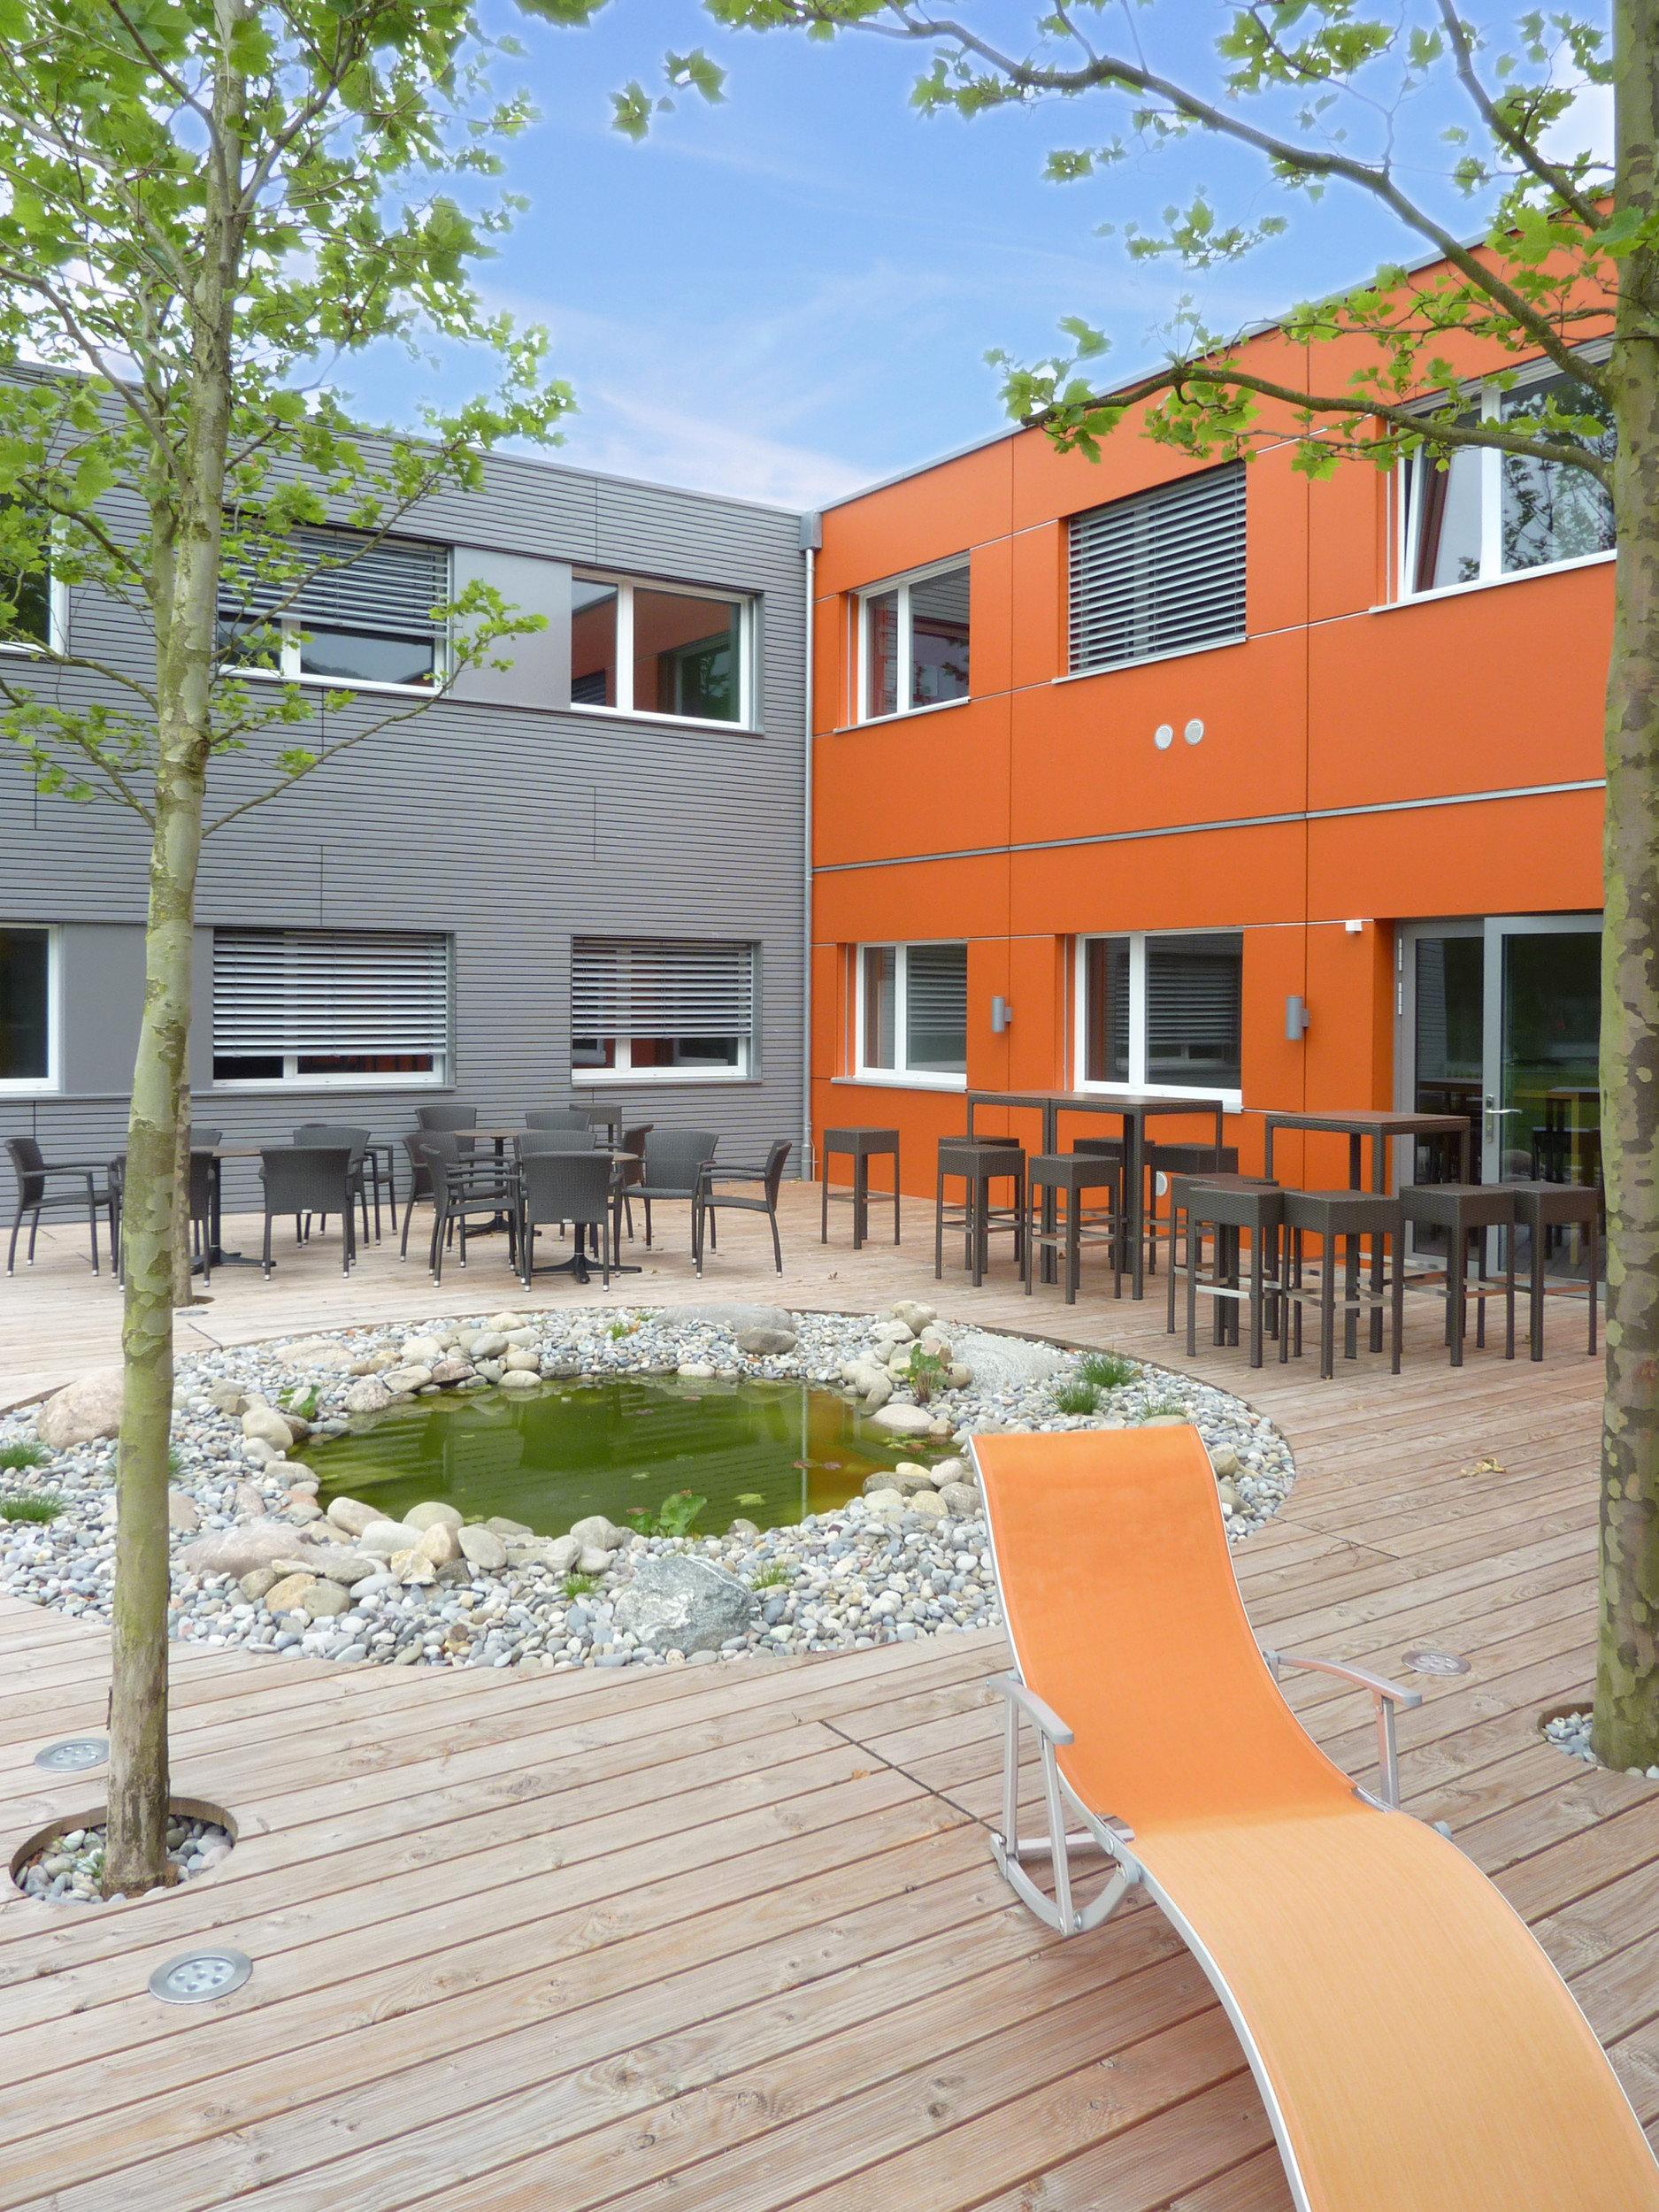 Veranda Bürogebäude mit Teich und Garnituren